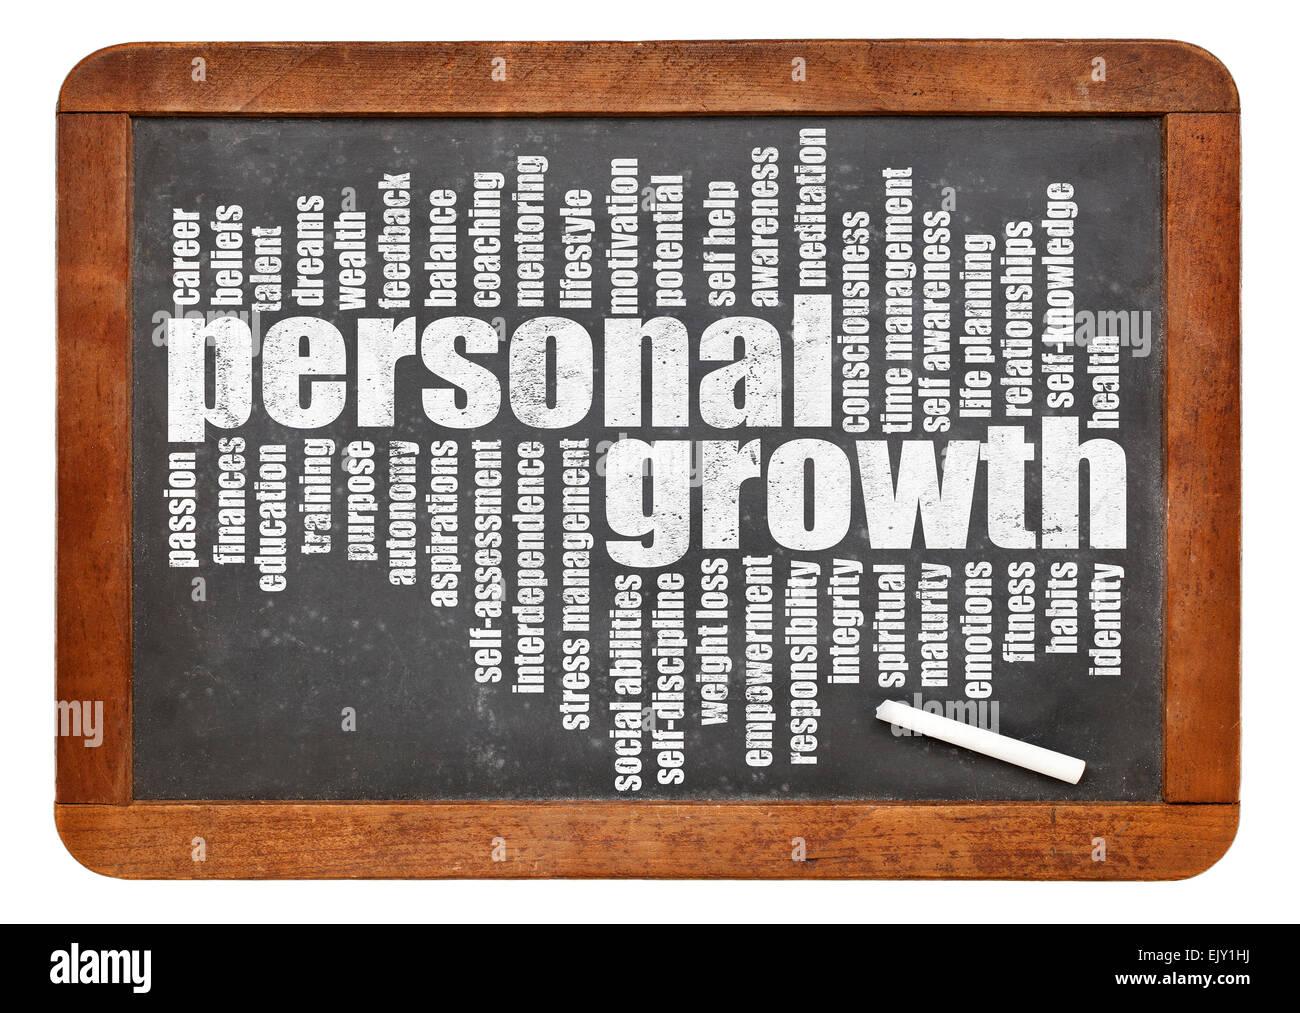 Crecimiento personal palabra nube sobre una pizarra pizarra aislado en blanco Imagen De Stock